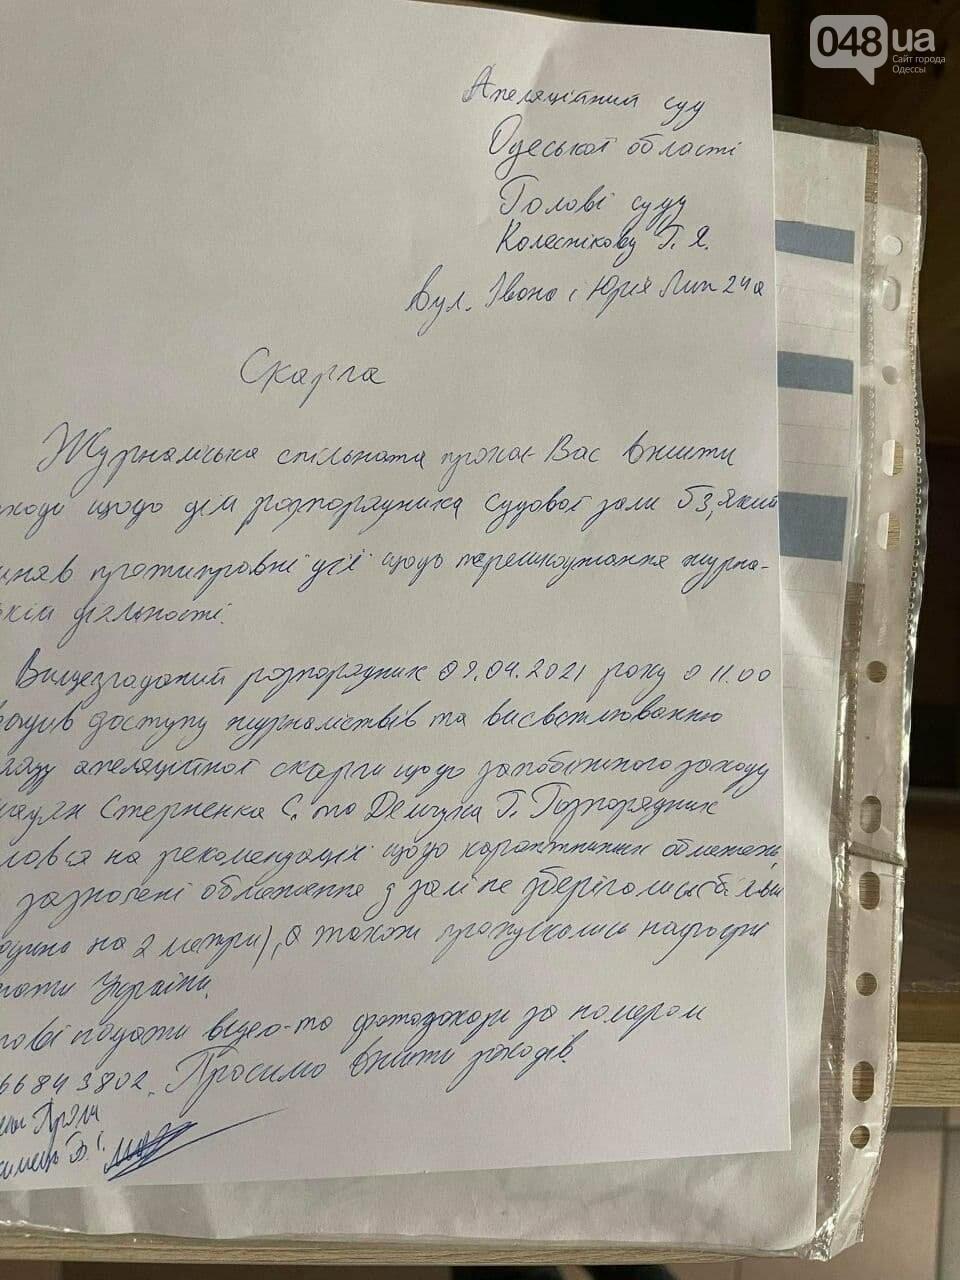 Апелляционный суд Одессы отказался вести онлайн трансляцию по делу Стерненко и не допустил часть СМИ,- ФОТО, фото-14